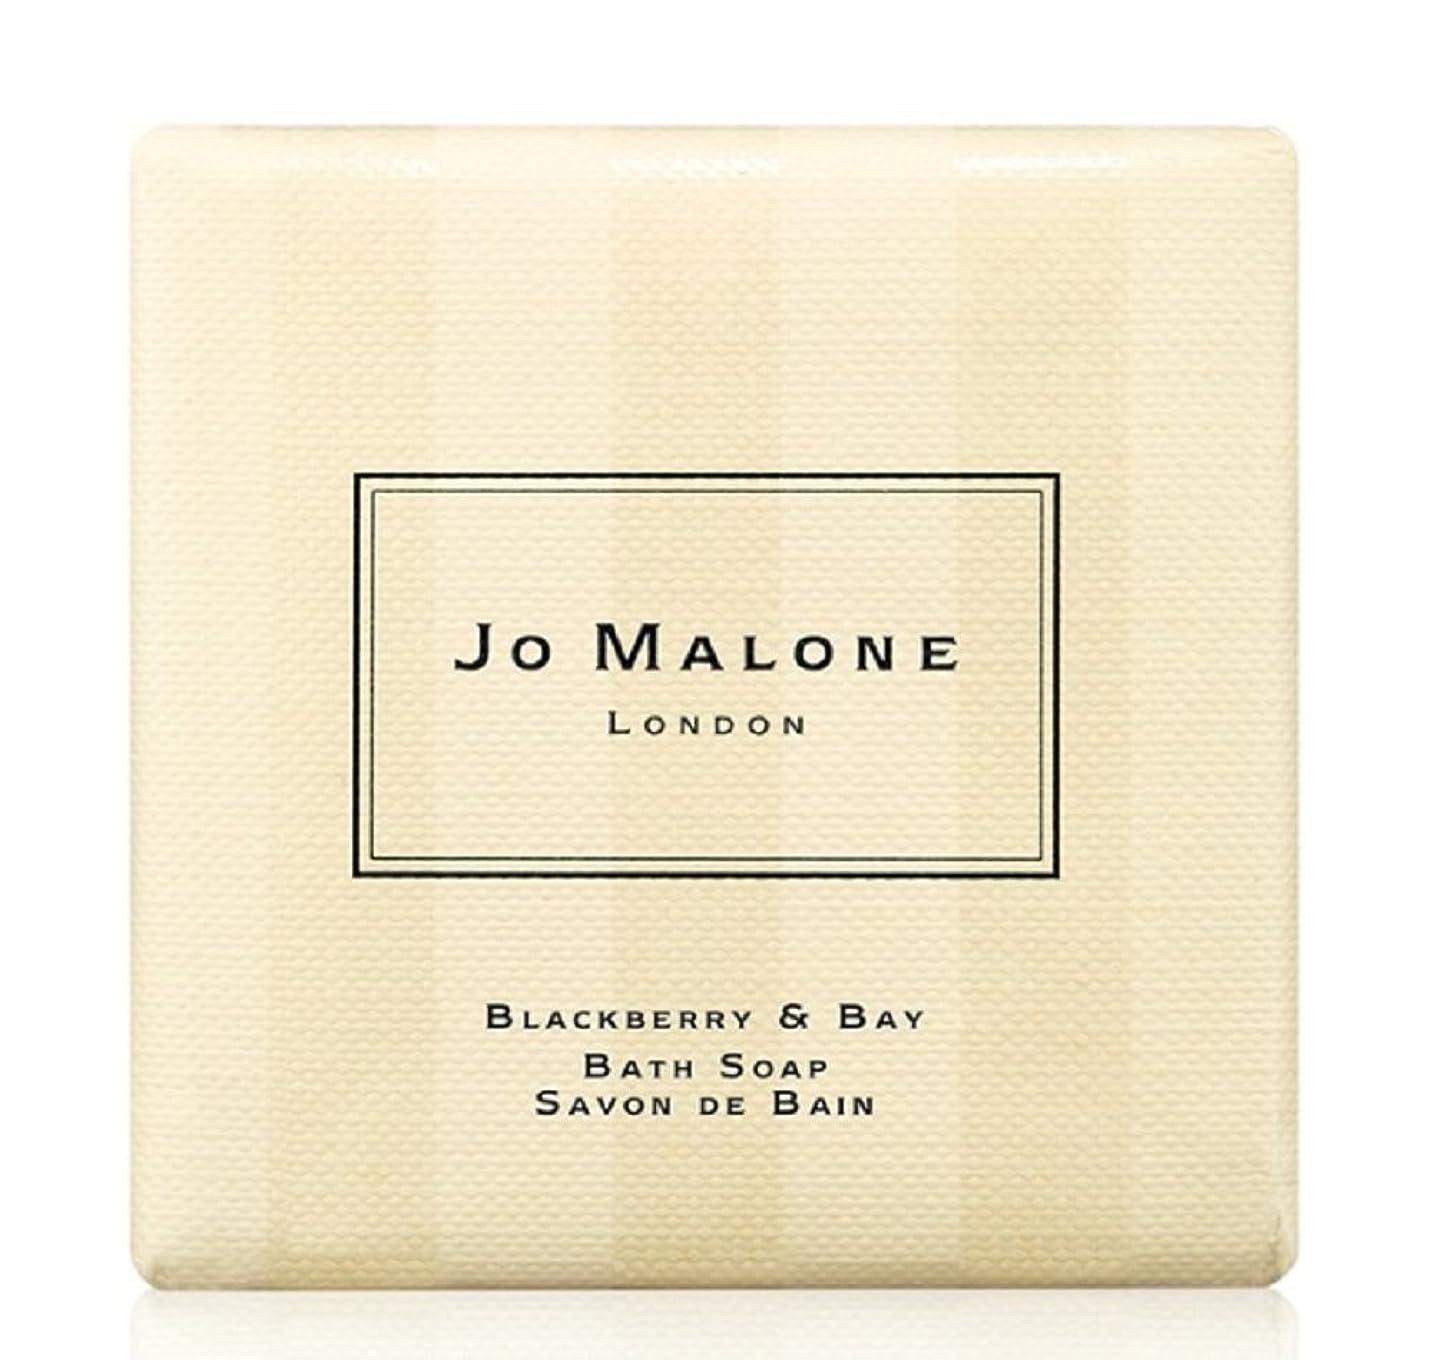 見えるブルーベル対角線ジョーマローン ブラックベリー&ベイ バス ソープ 石鹸 100 g